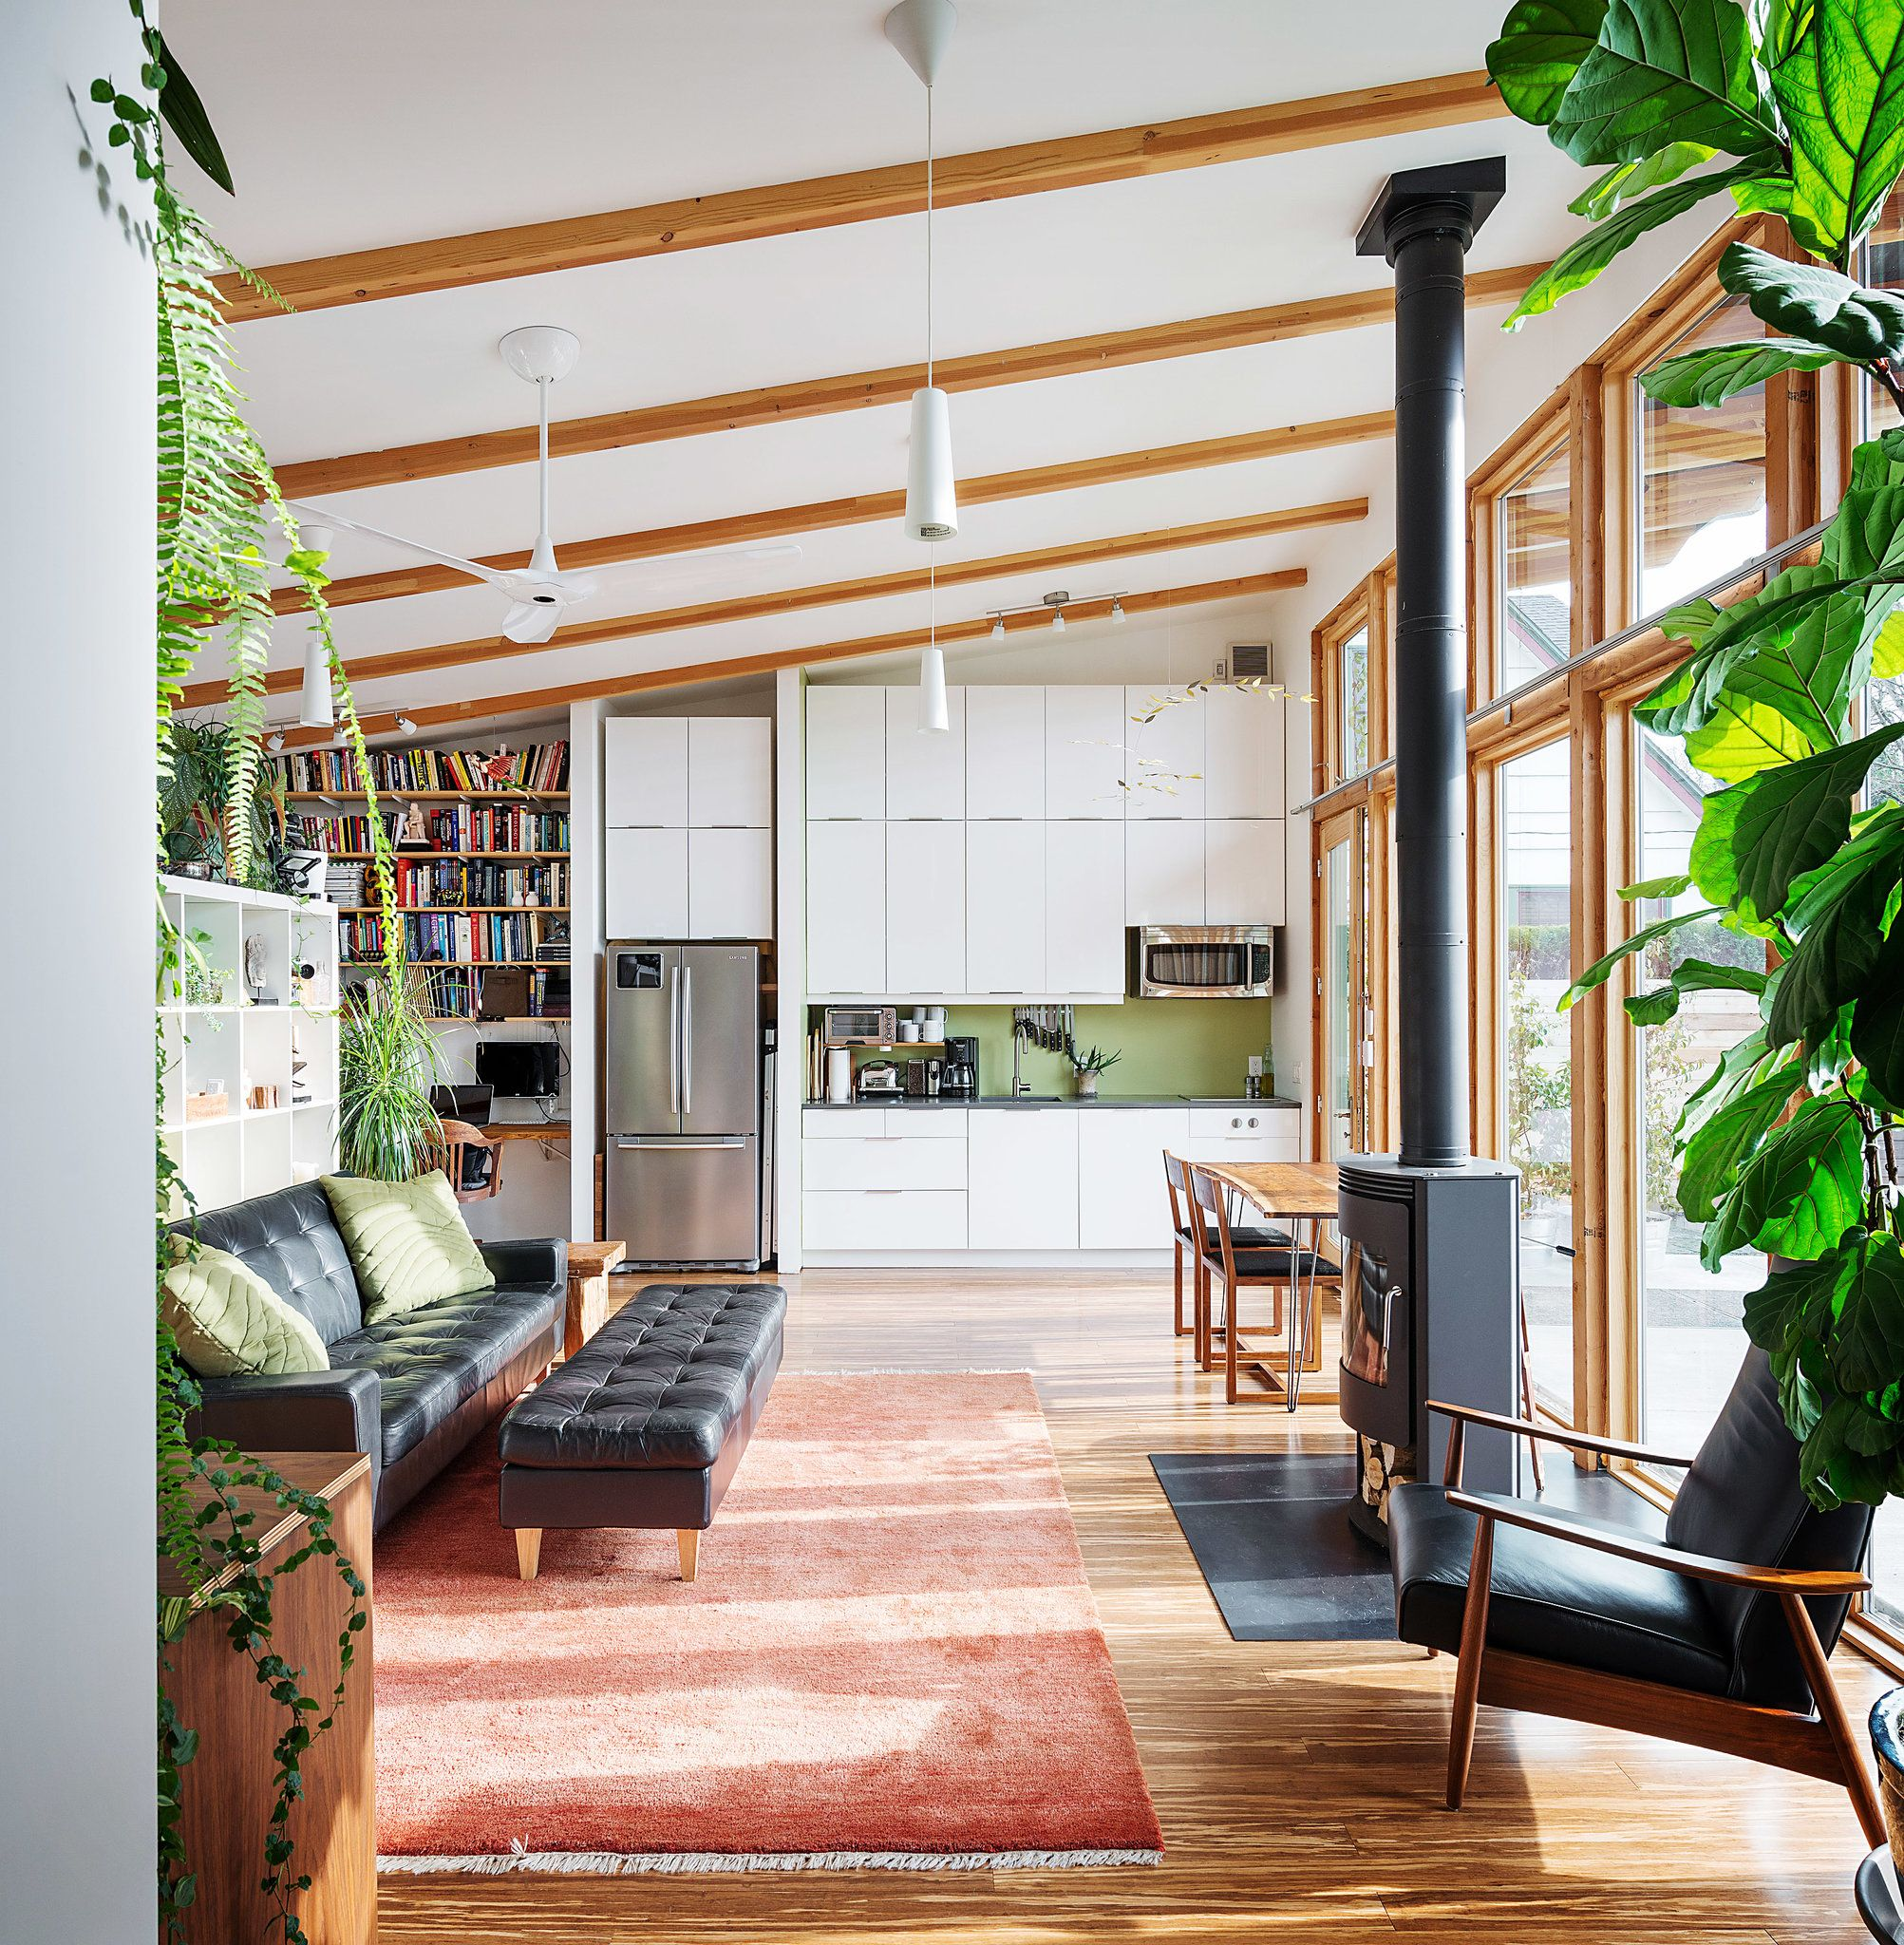 die besten 25 holzofen teile ideen auf pinterest rocket herd wassererhitzer holz fen und. Black Bedroom Furniture Sets. Home Design Ideas